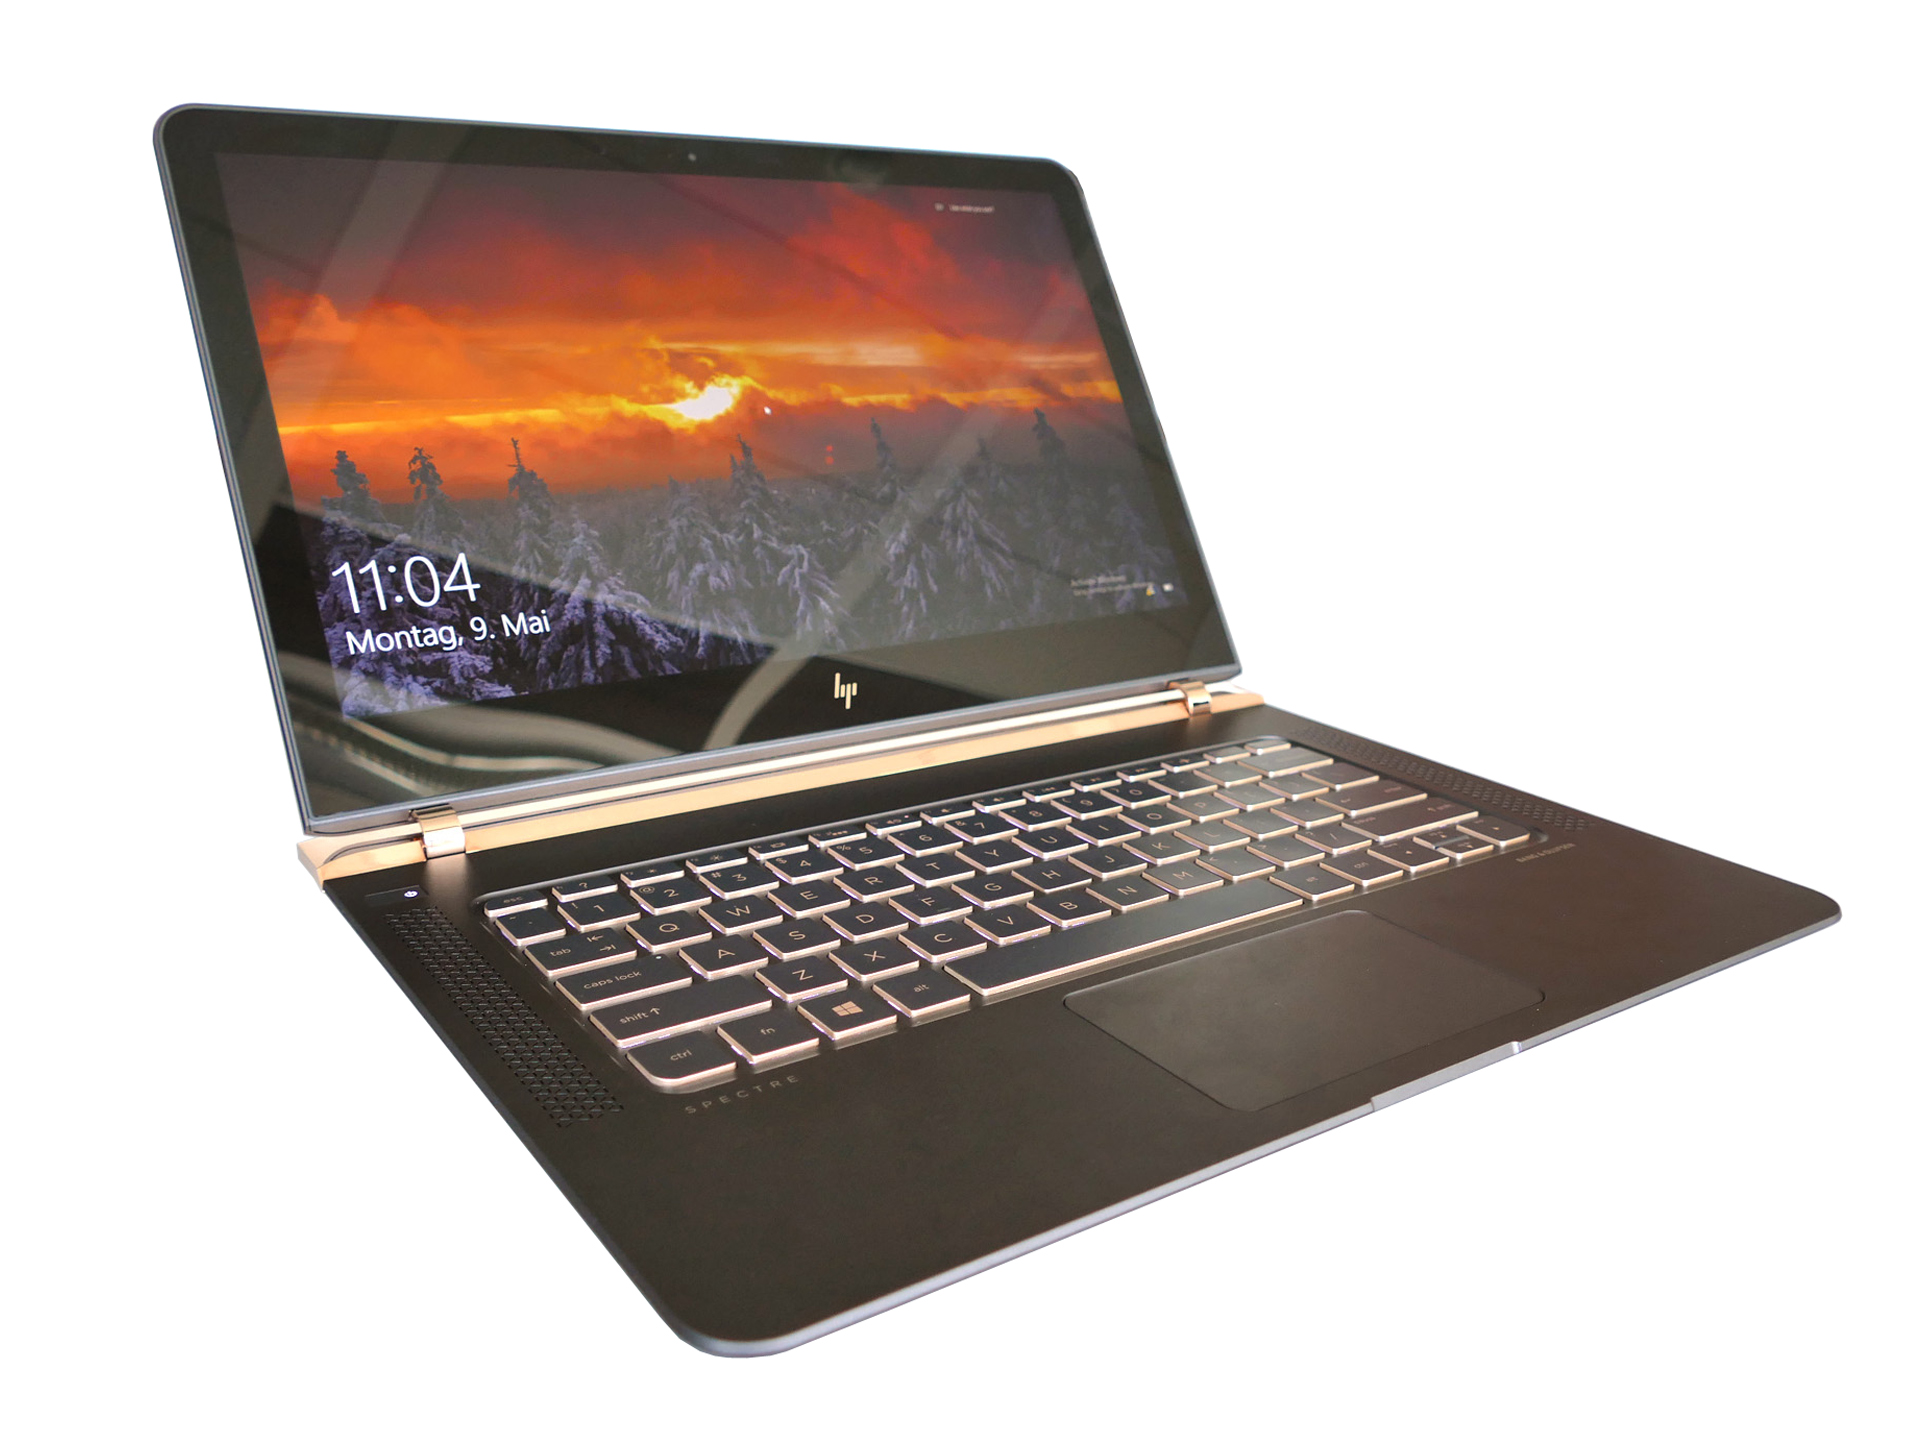 HP Spectre 13 Notebook Review - NotebookCheck net Reviews